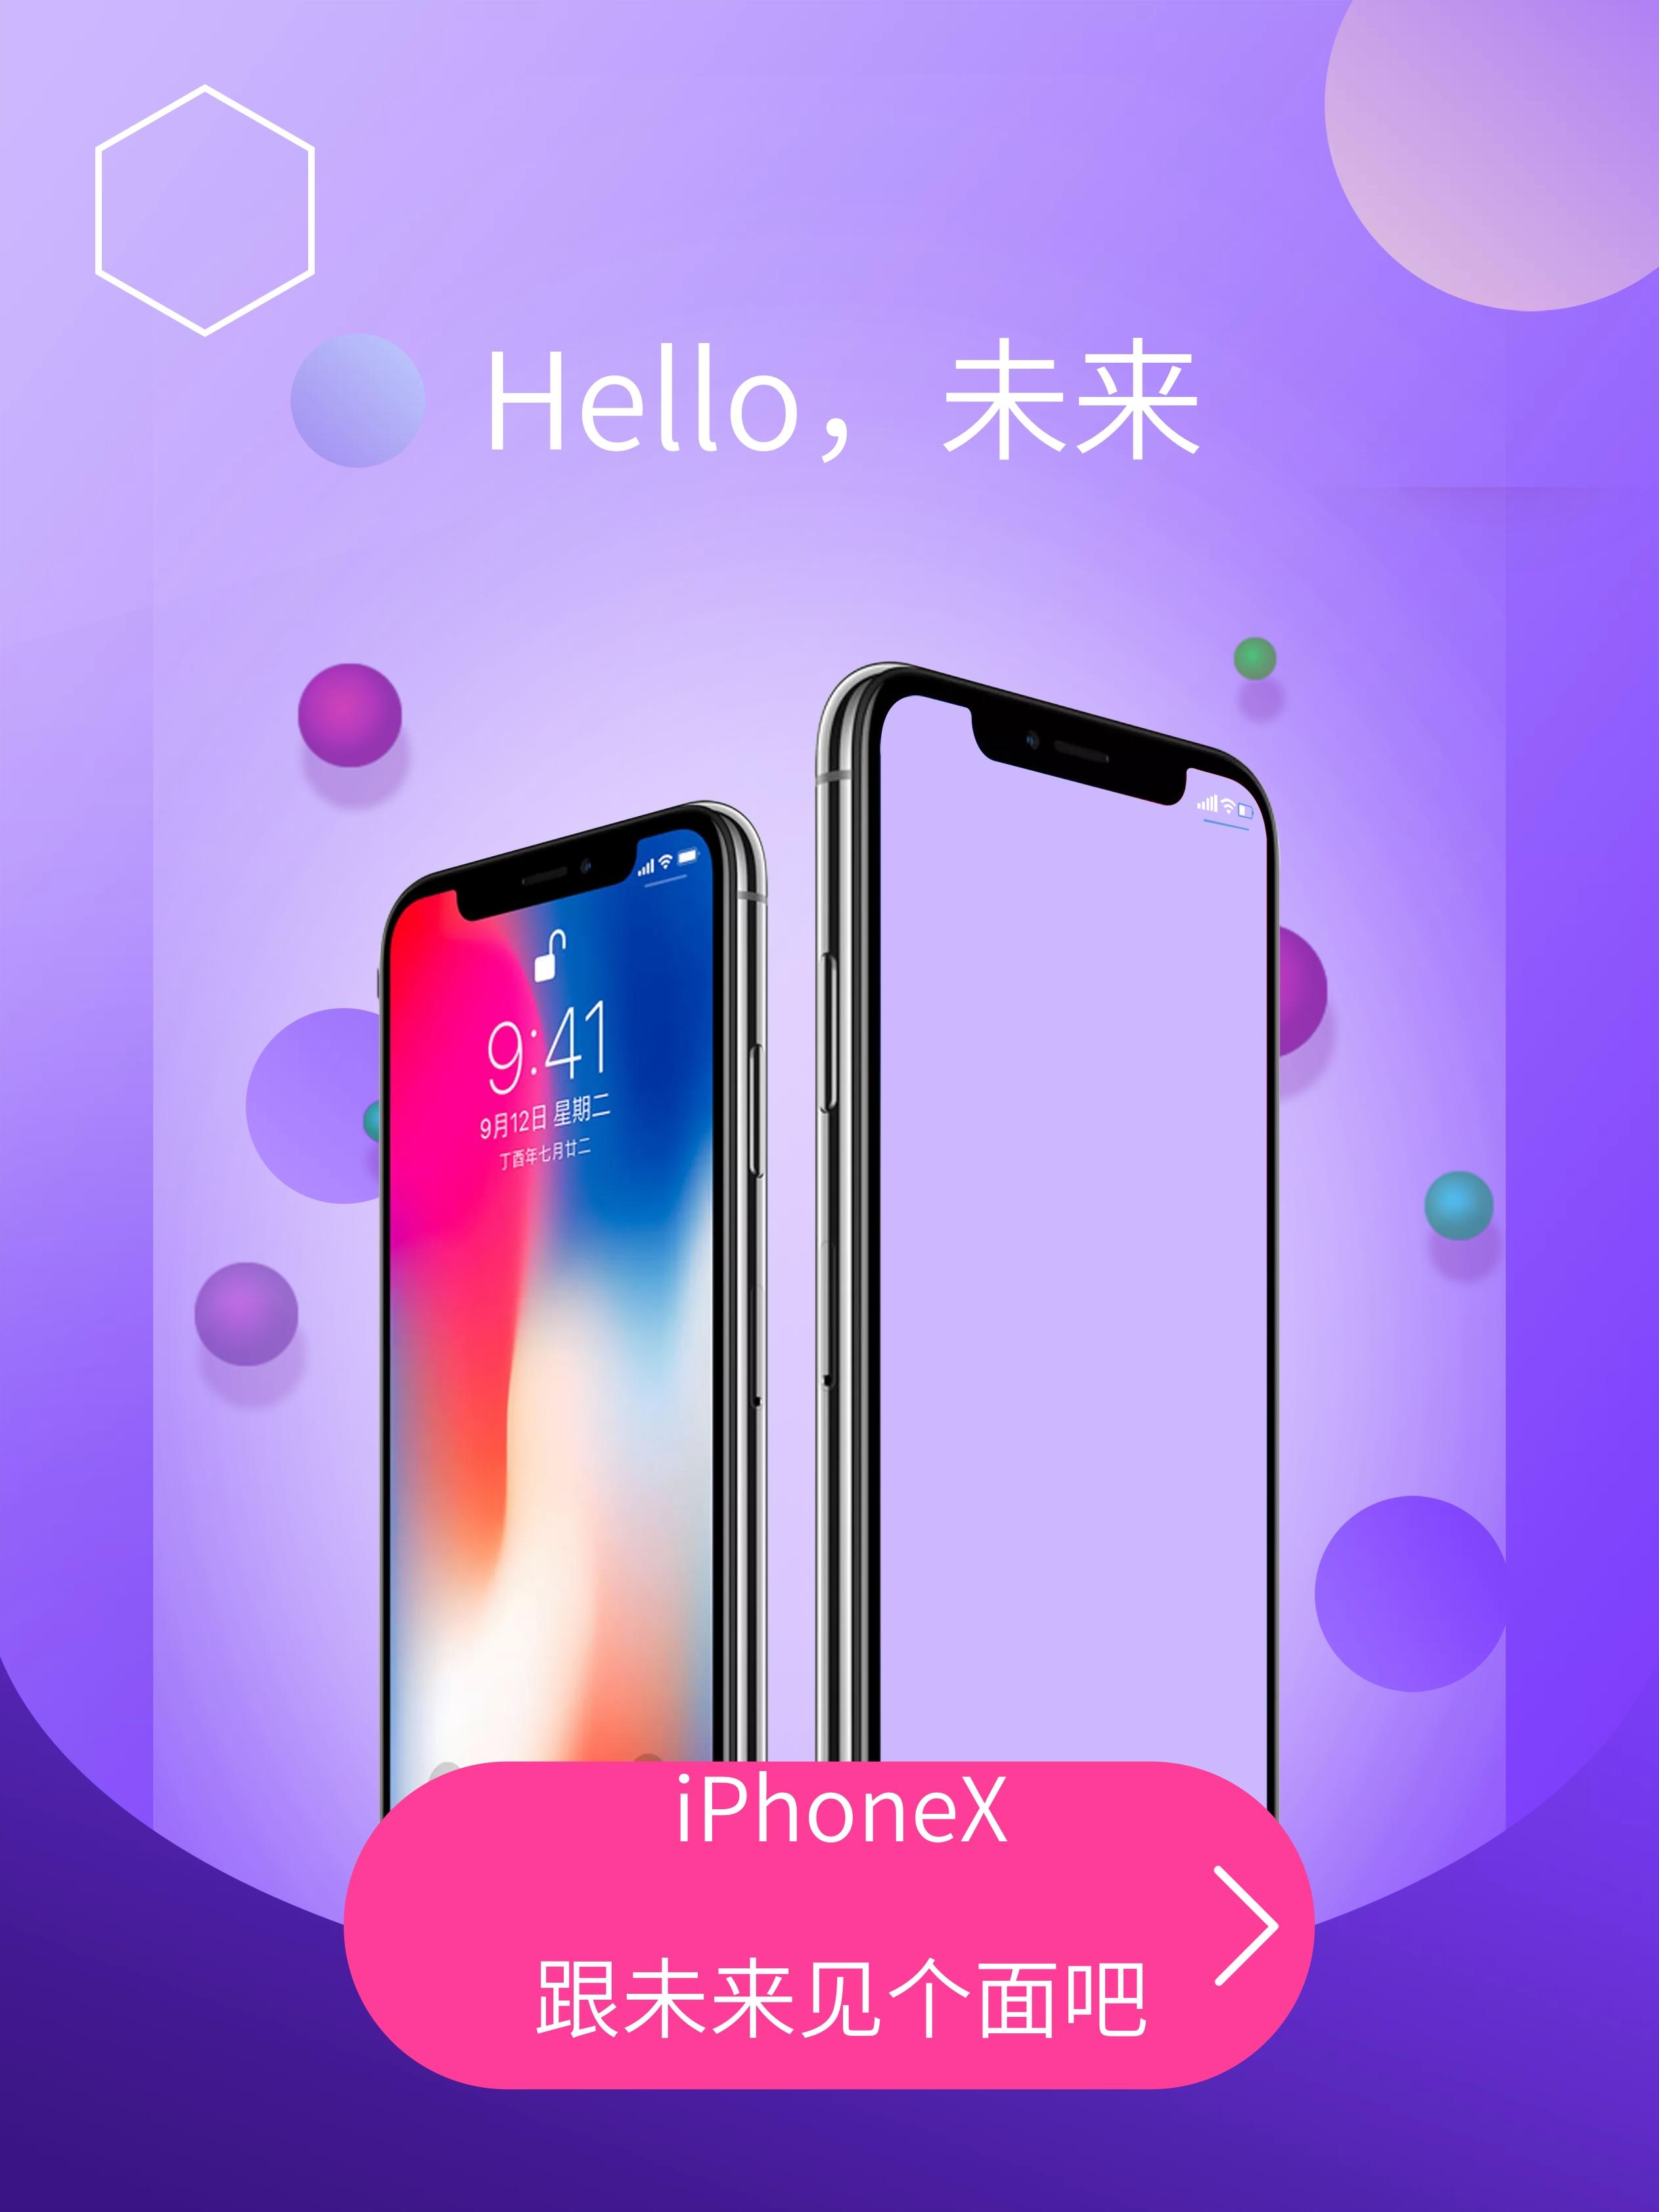 iphone海报设计